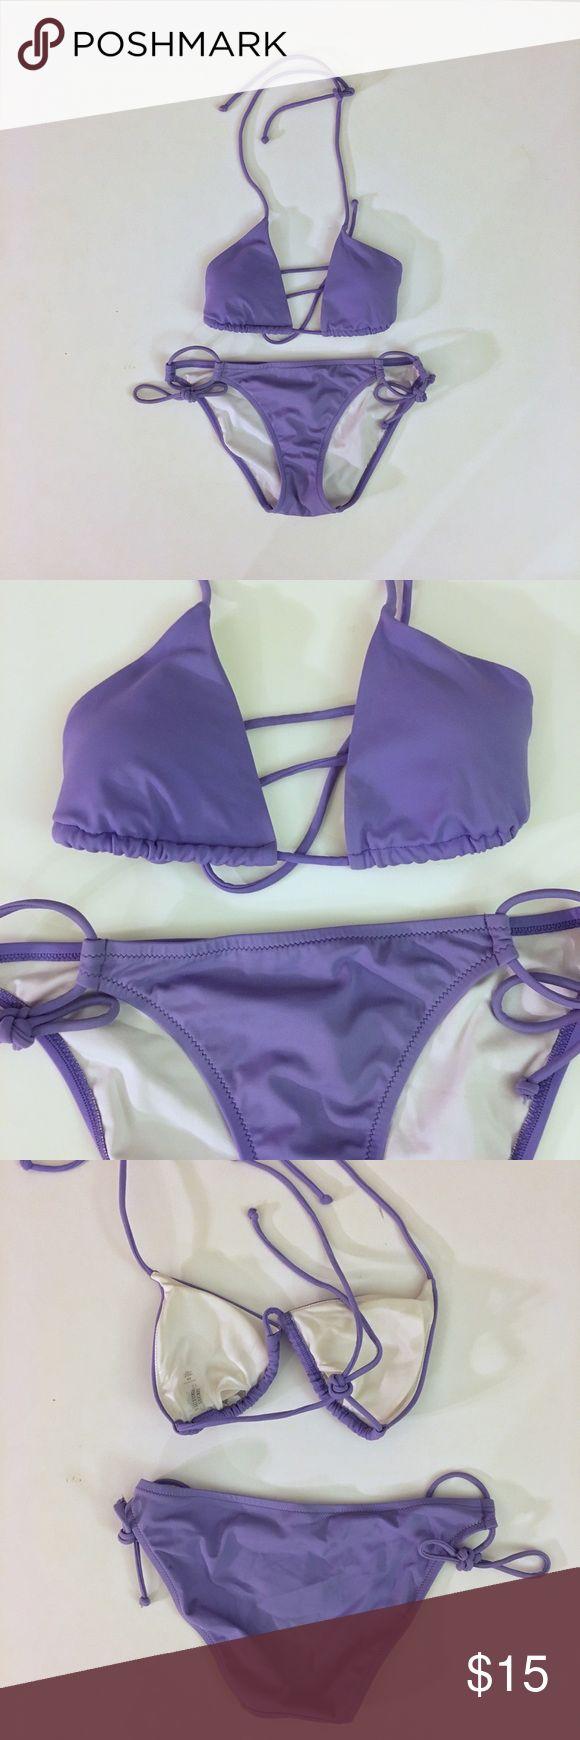 Victoria's Secret Purple Triangle Bikini Set - XS Victoria's Secret Purple Triangle Bikini Set - Size XS - triangle Bikini top - low rise bottoms Victoria's Secret Swim Bikinis